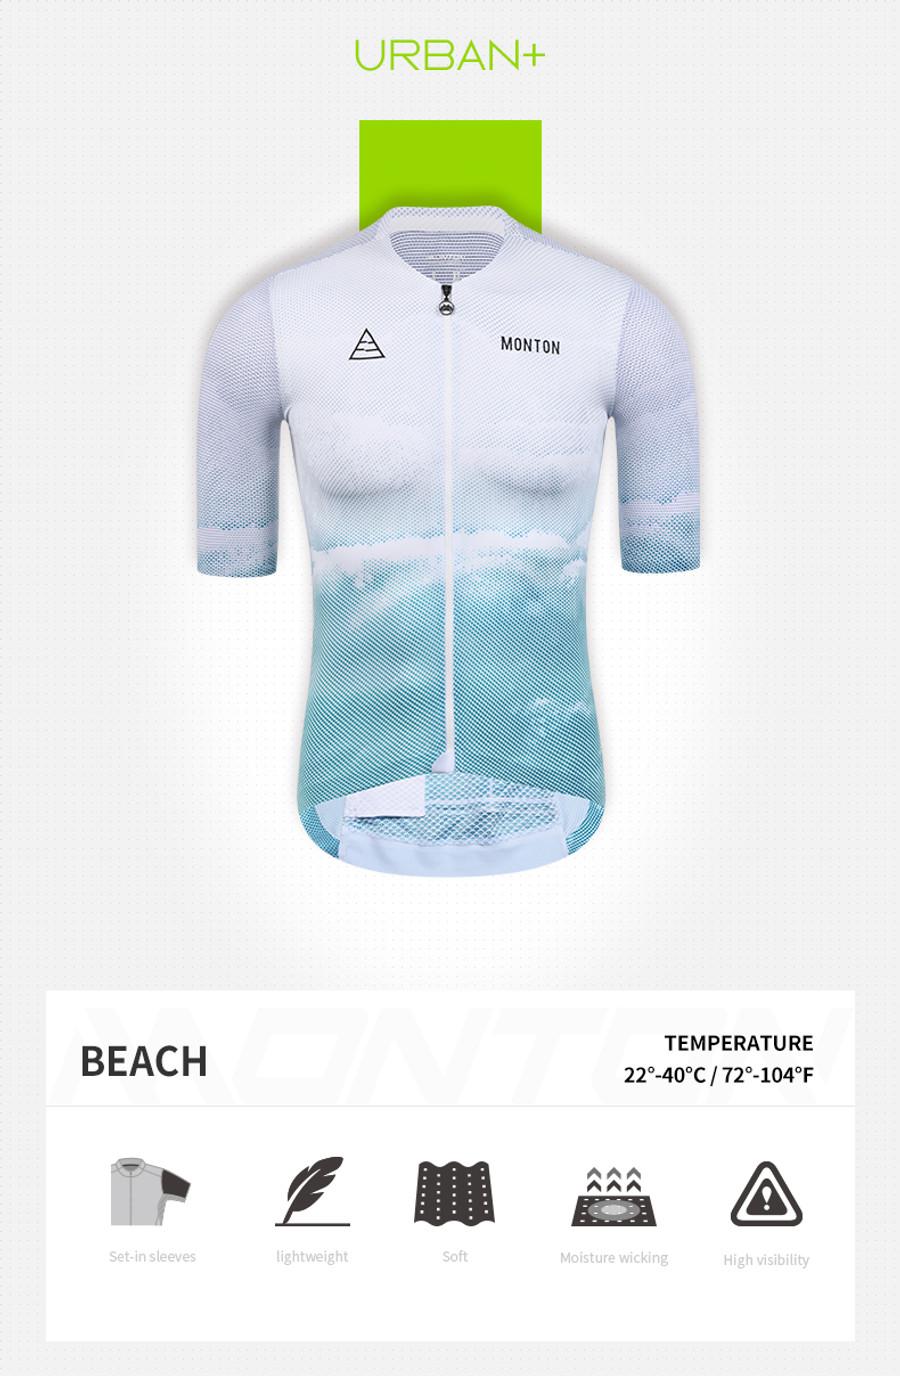 Men's Urban+ Beach Jersey